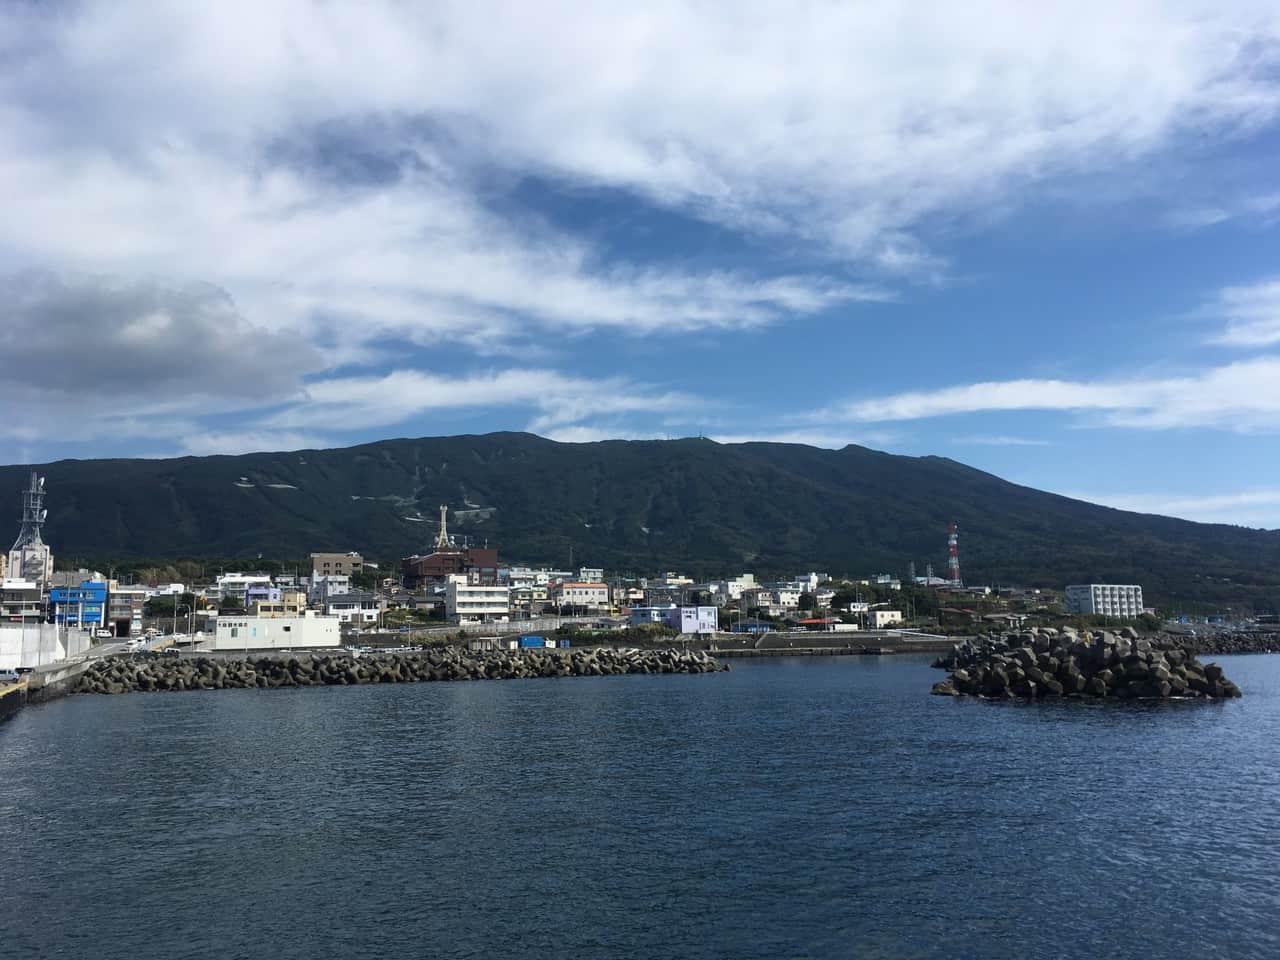 Plongée dans le Pacifique sur l'île de Ôshima